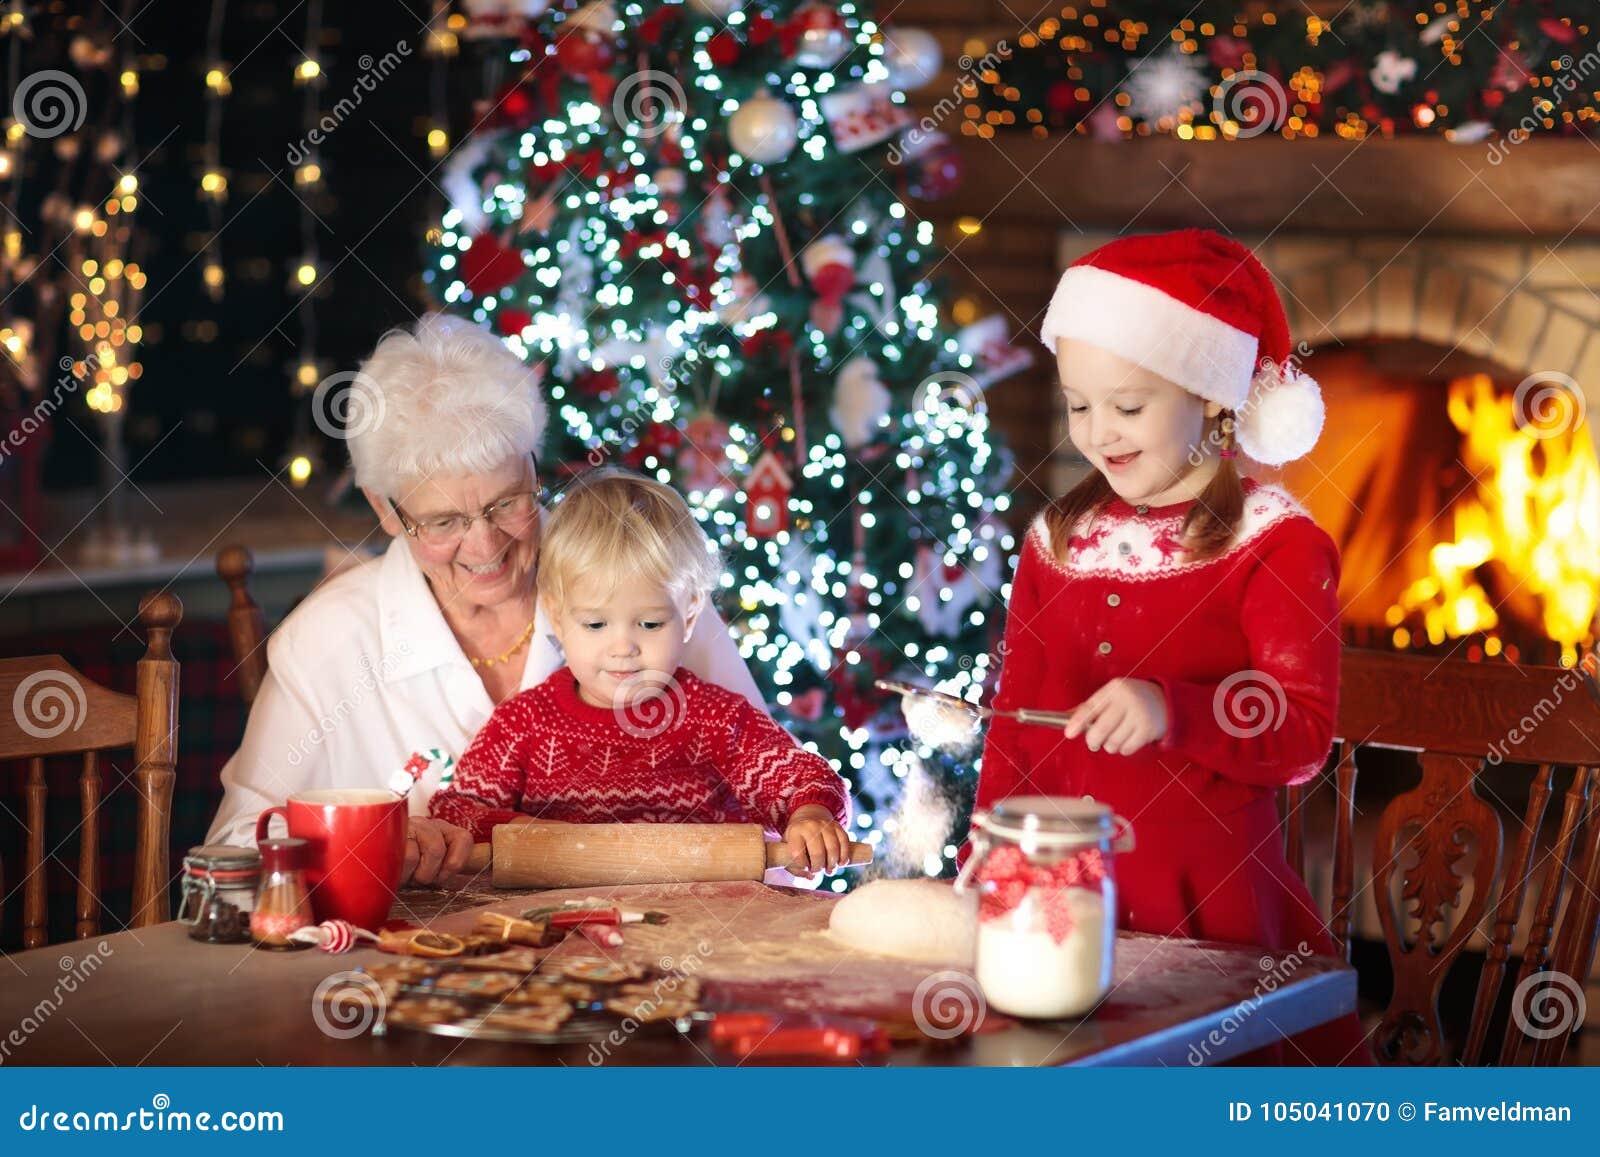 Grandmother And Kids Bake Christmas Cookies Stock Photo